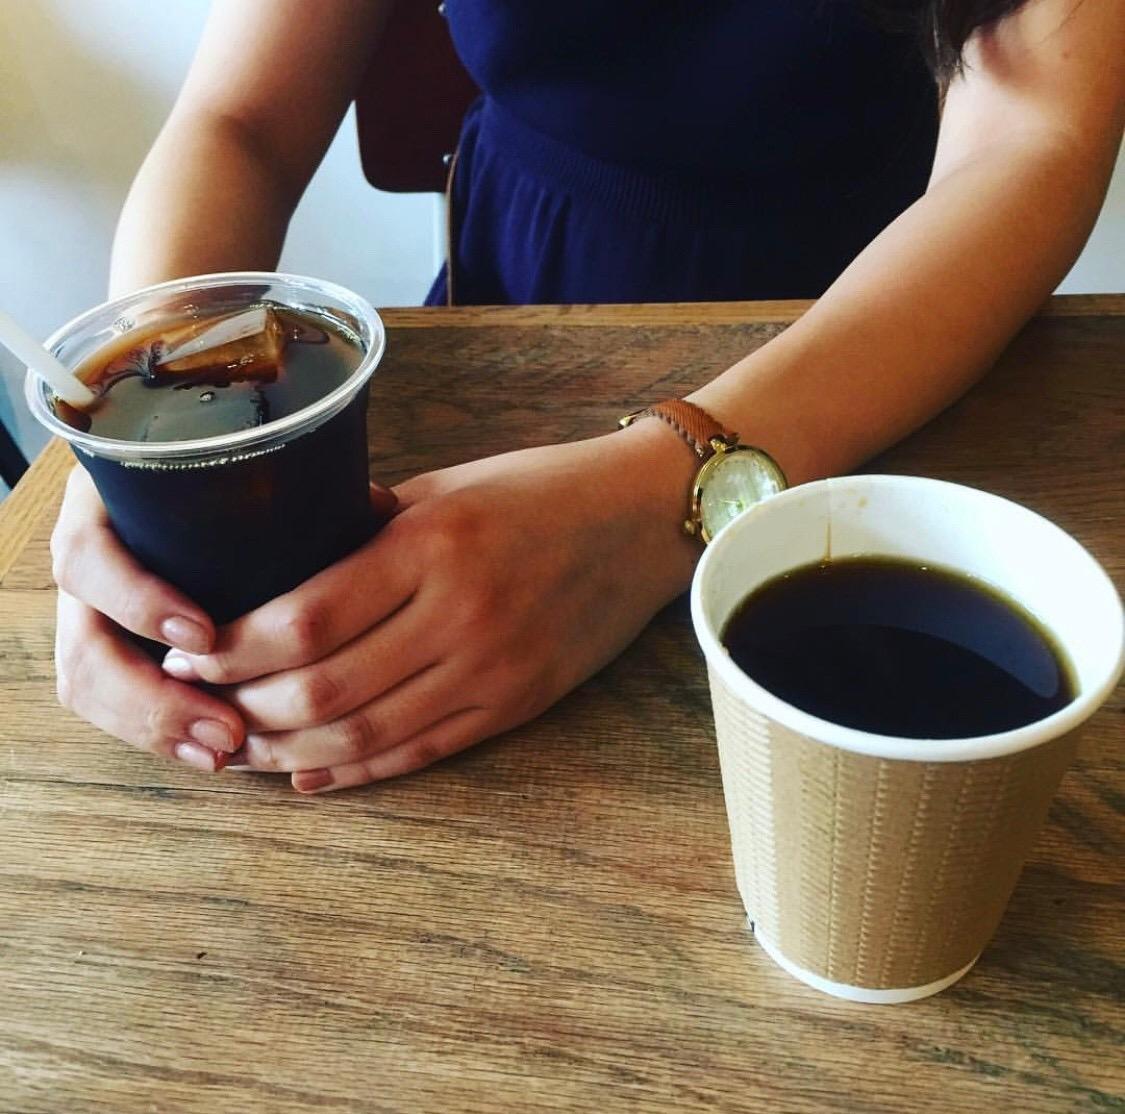 【プラカップ・紙コップ】テイクアウト 使い捨てカップ コーヒーカップ 紙コップ ECOクラフト断熱カップ8oz【1000個】 凹凸加工 波型加工